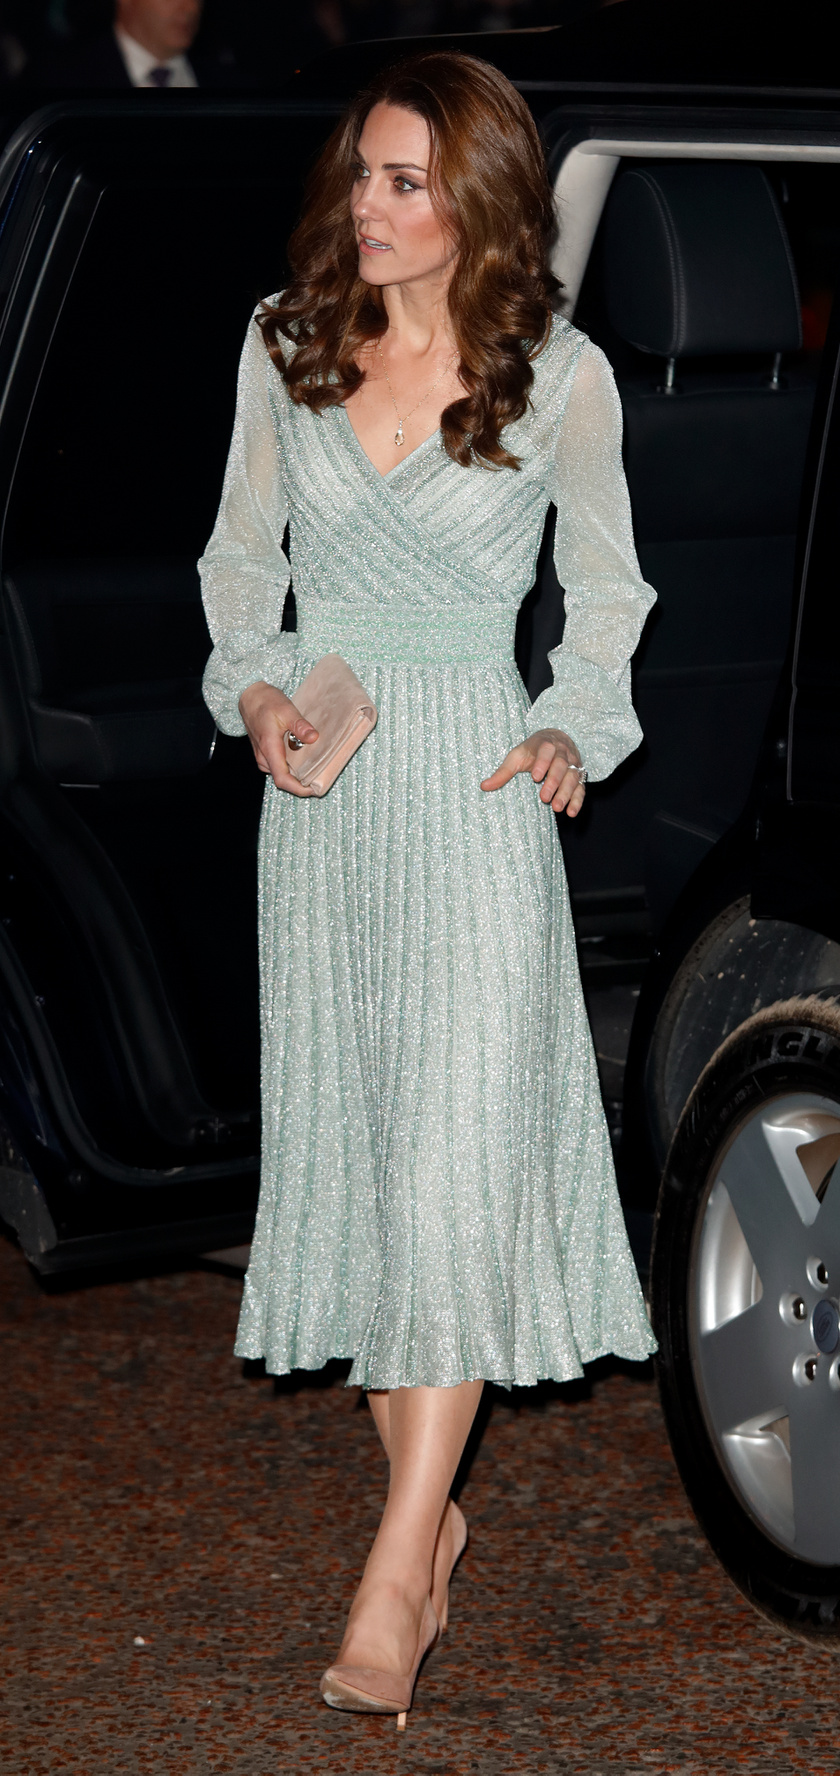 Katalin hercegné ezúttal is remekül választott: fantasztikusan nézett ki ebben a ruhában.